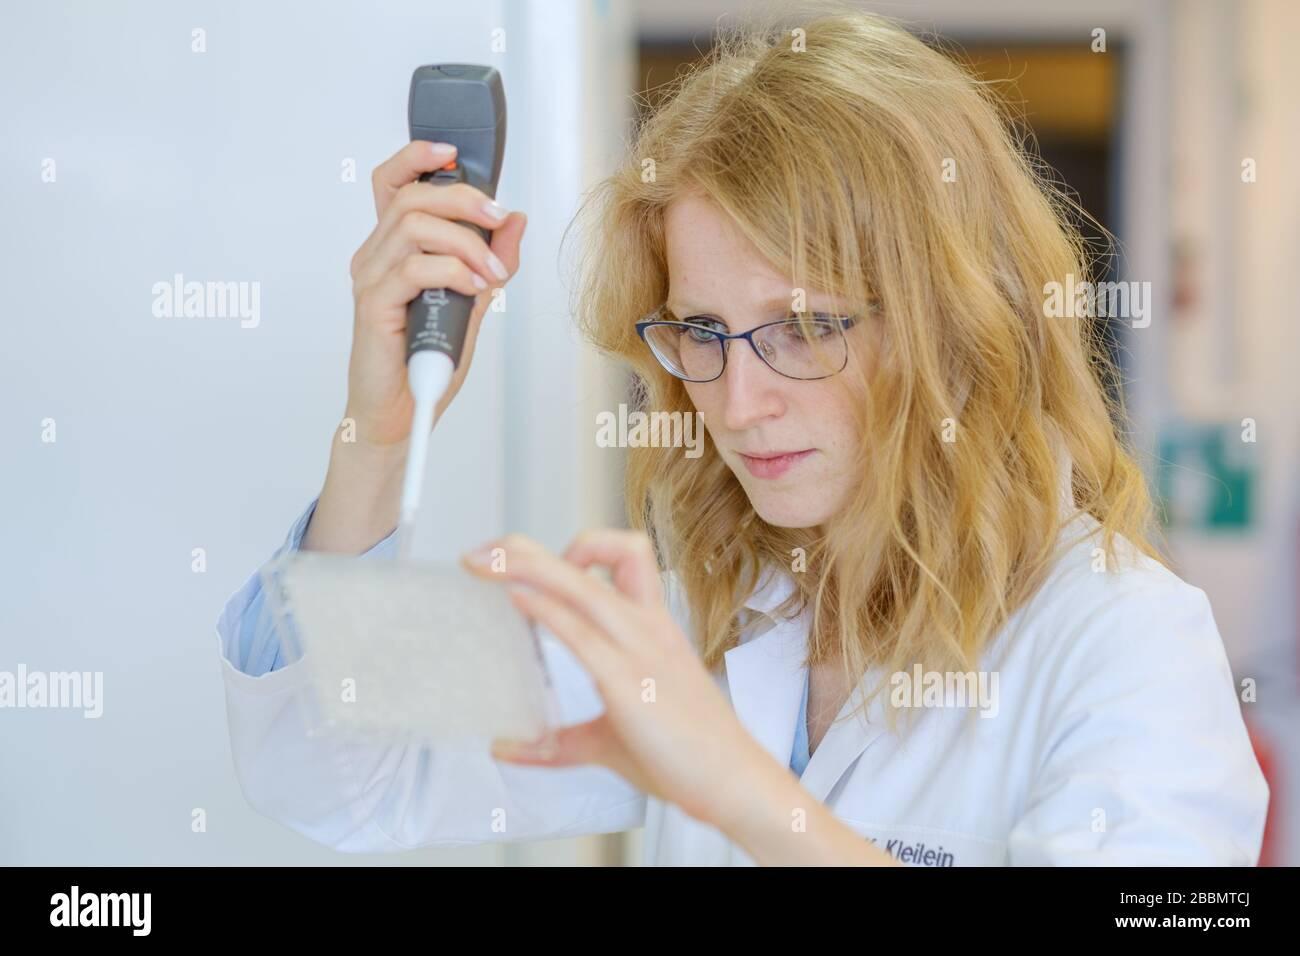 Brunswick, Alemania. 1 de abril de 2020. La científica Katharina Kleilein pipetear anticuerpos en una placa Elisa en el laboratorio de la empresa de ciencias biológicas Yumab. La empresa de puesta en marcha realiza investigaciones sobre el desarrollo de anticuerpos humanos y está tratando de desarrollar fármacos contra Covid-19. Crédito: OLE Spata/dpa/Alamy Live News Foto de stock